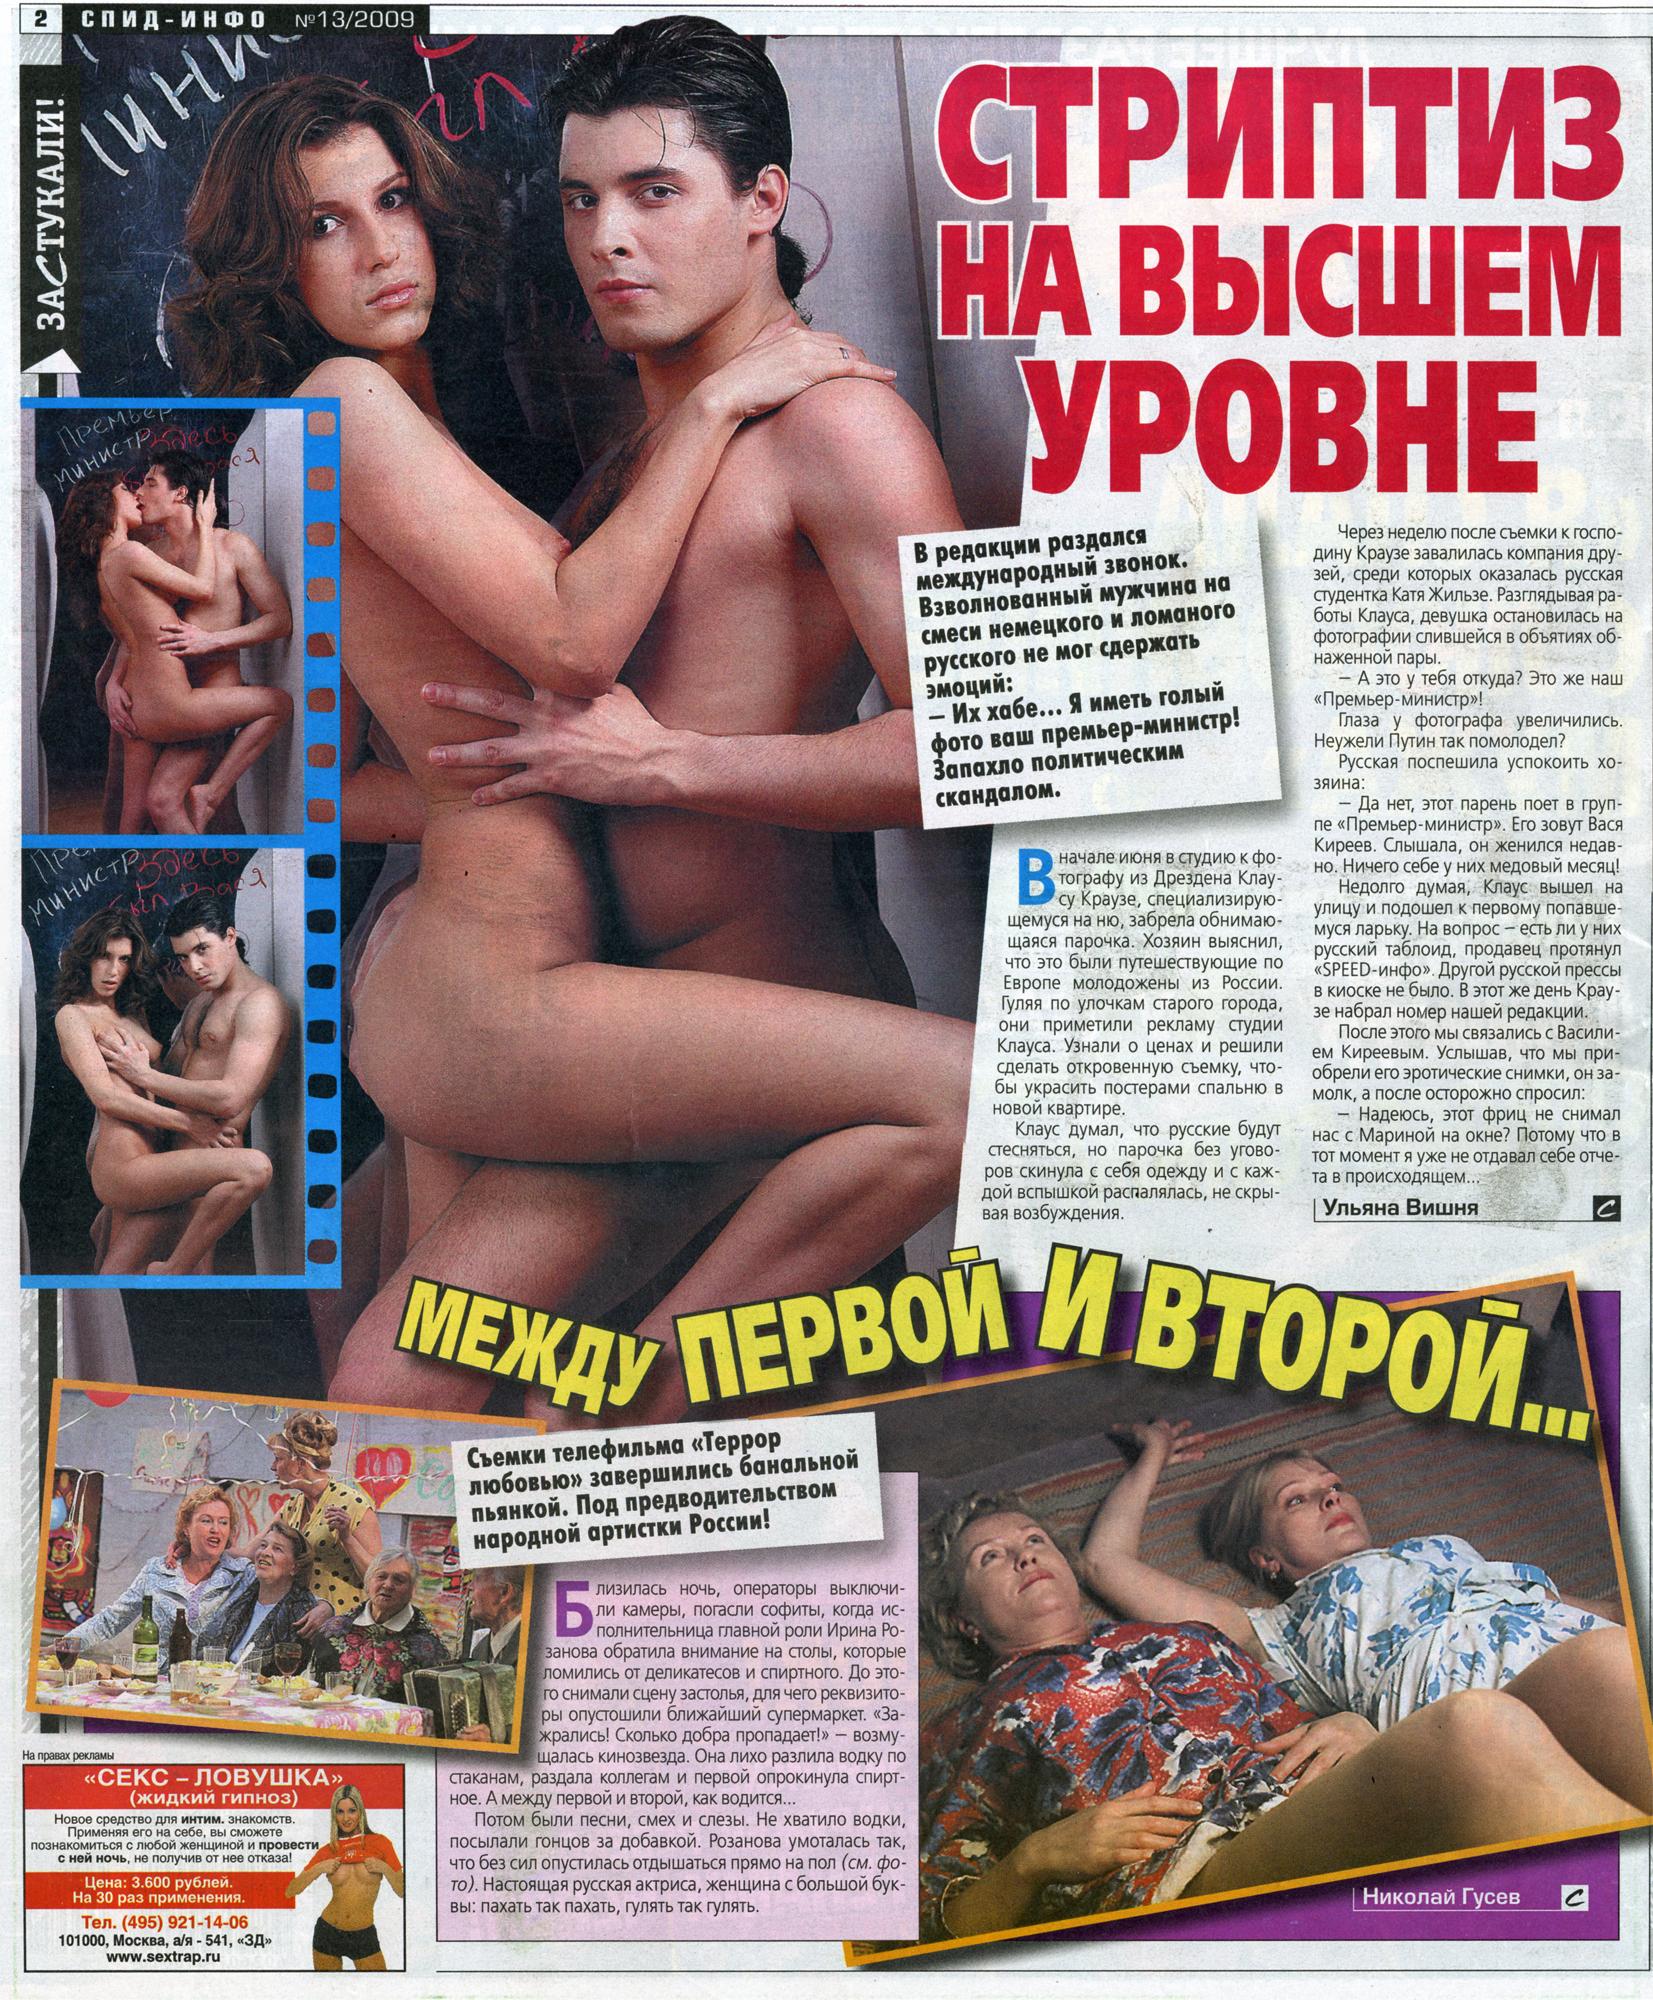 Спид инфо газета читать с ног на голову порно рассказы 6 фотография